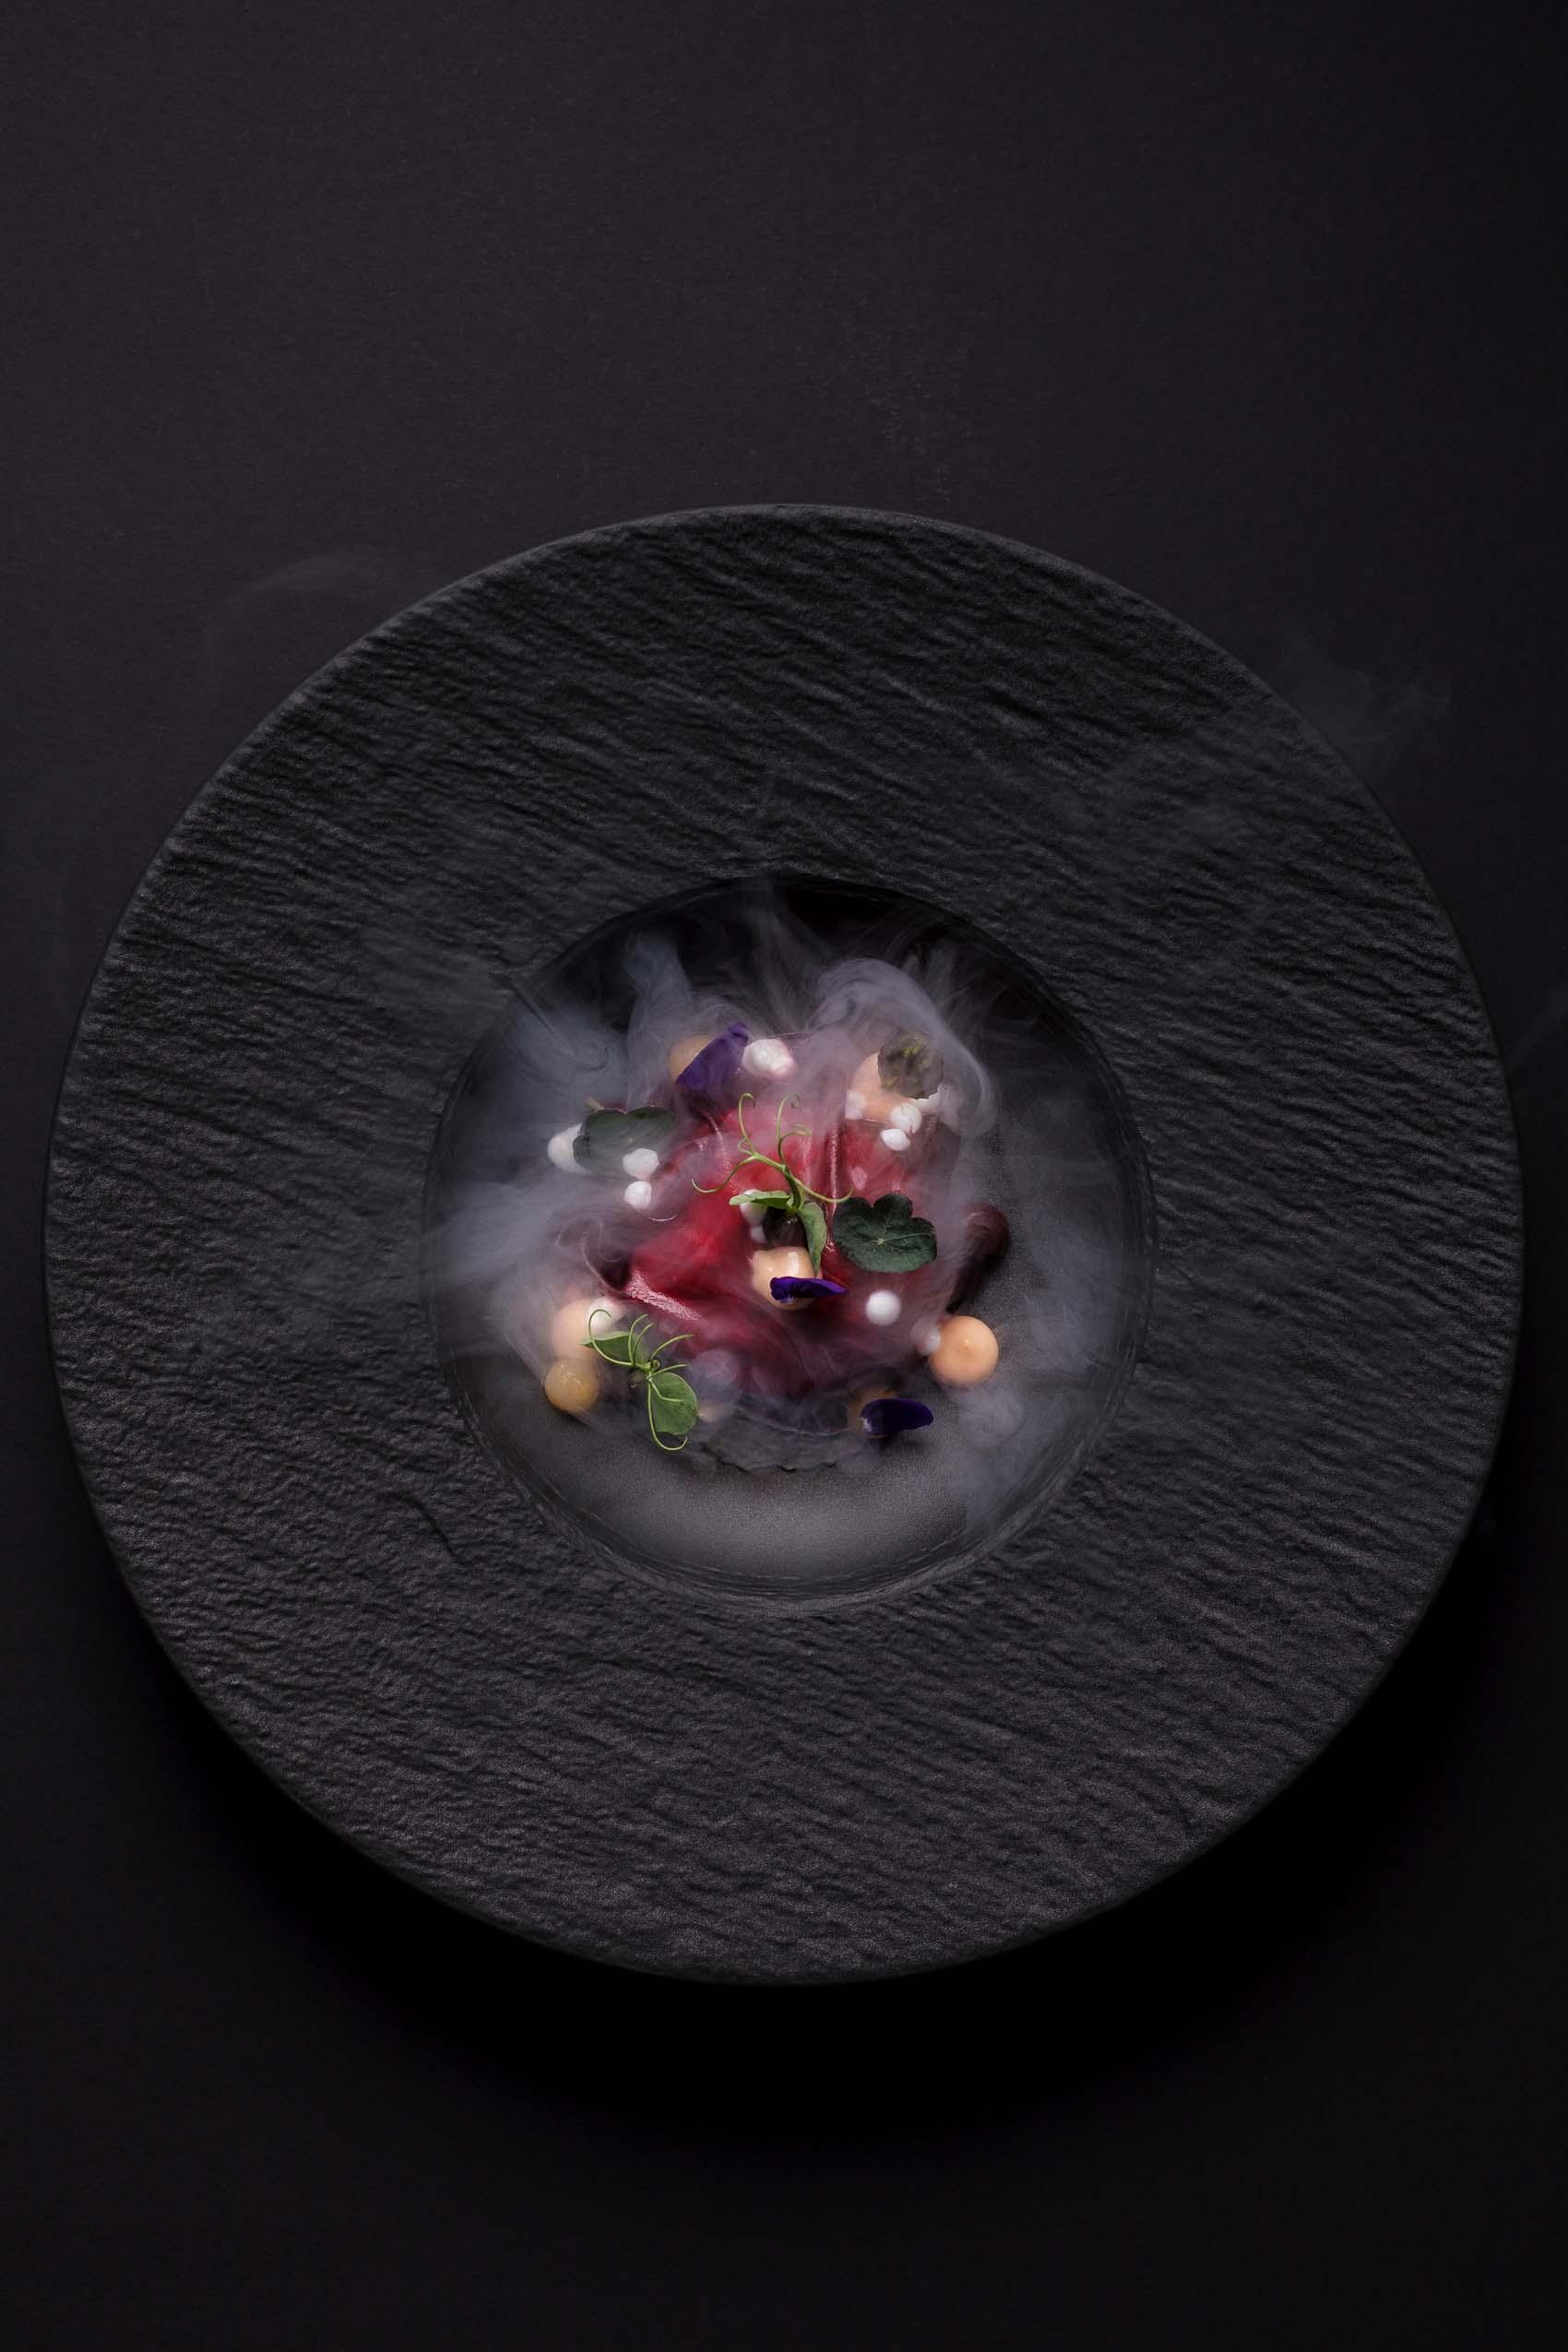 Foodfotografie für das Gourmetrestaurant Aubergine